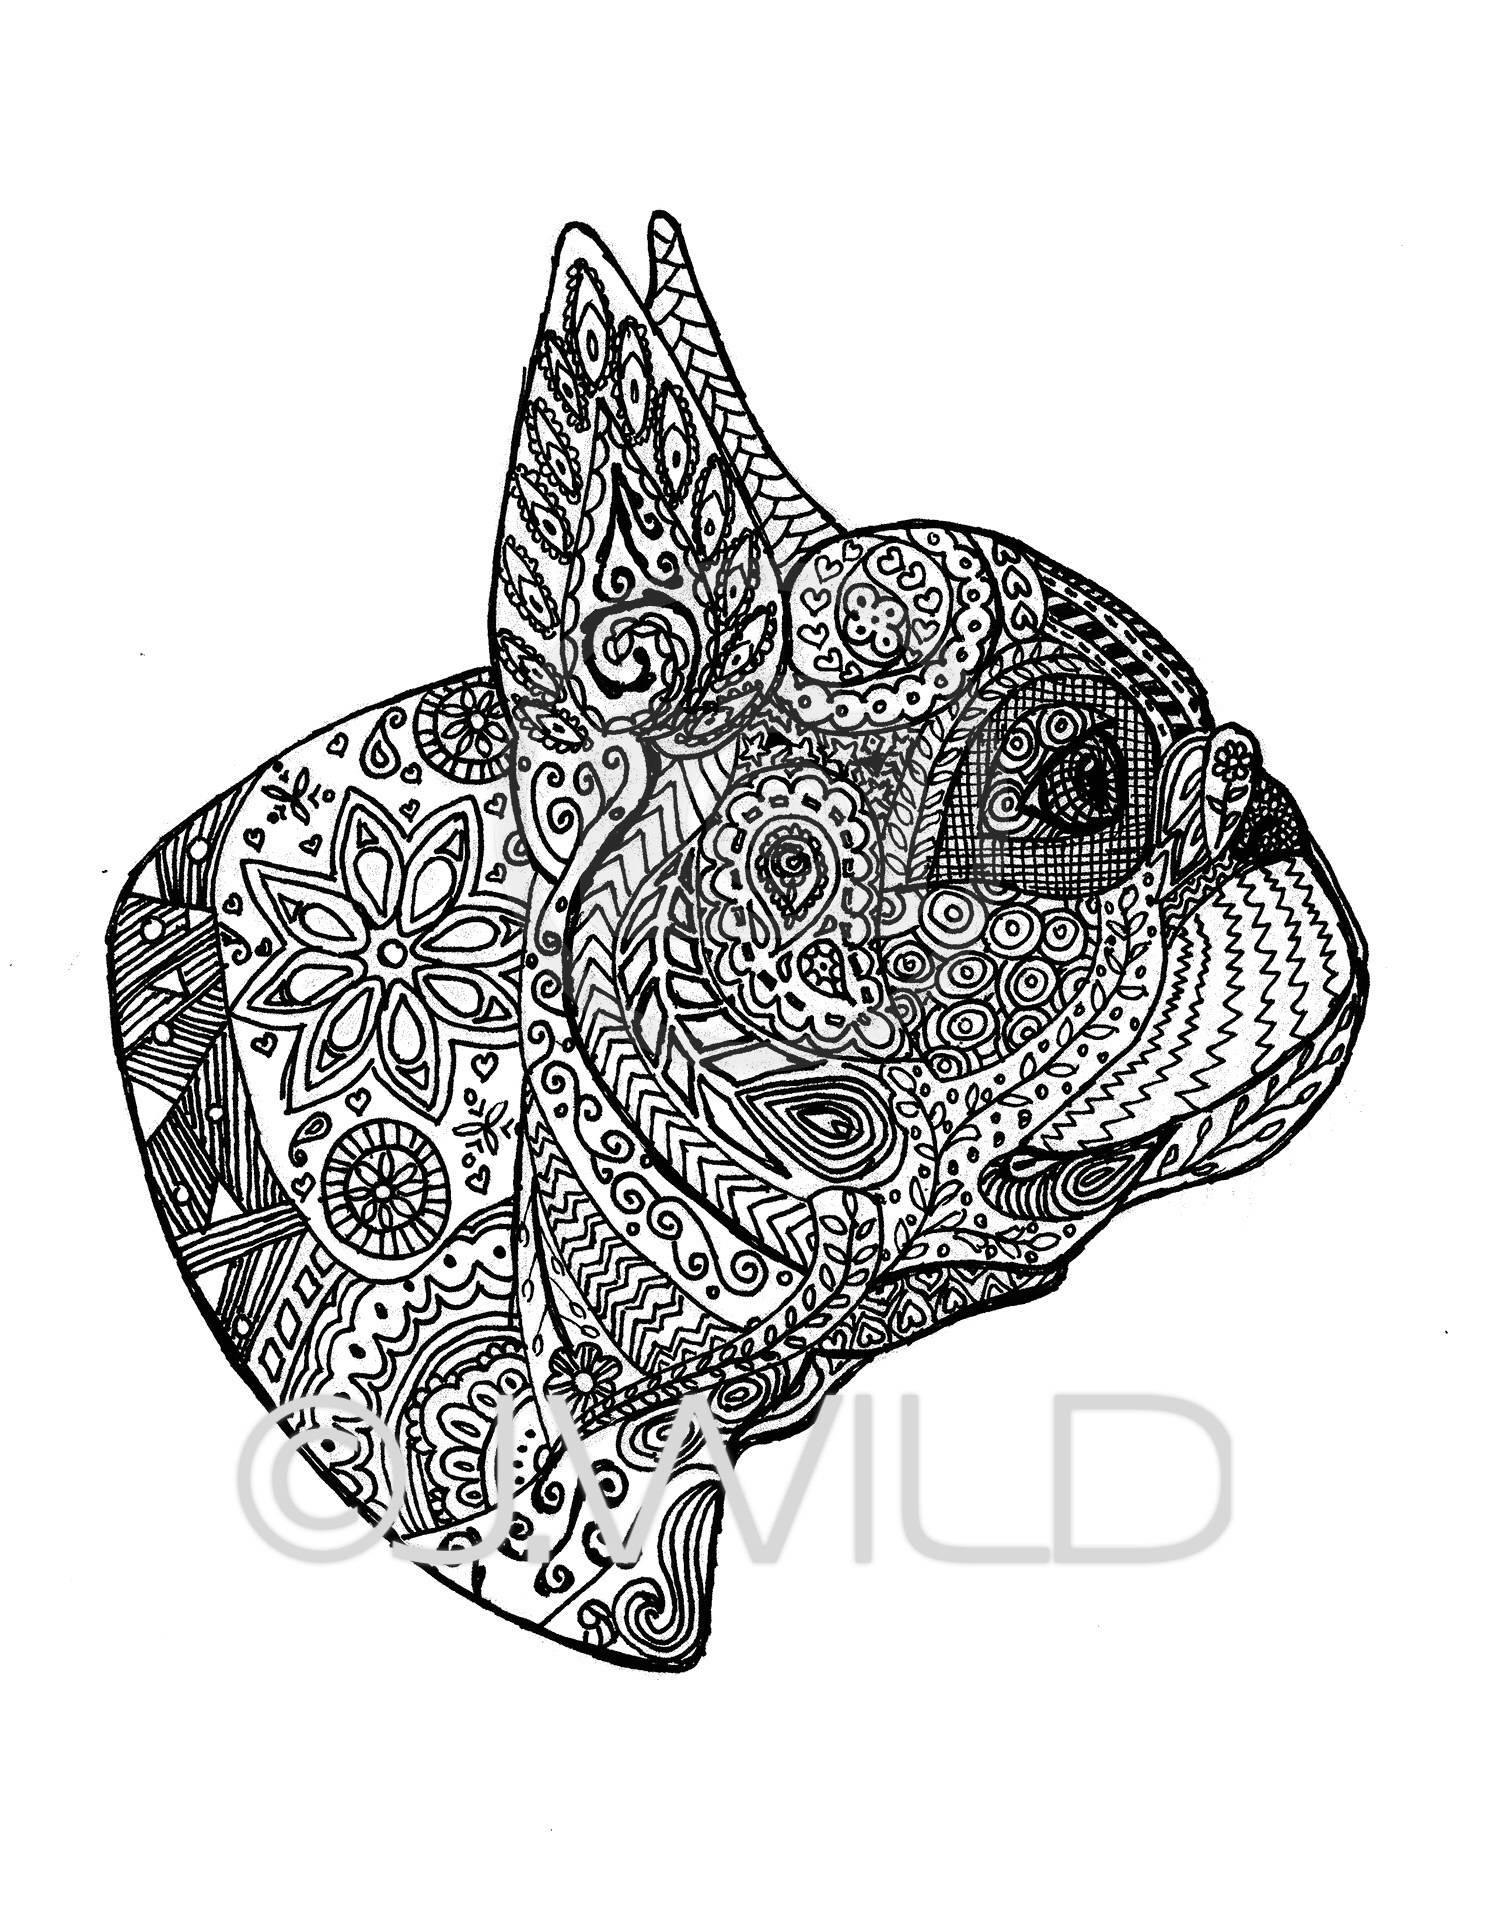 Französische Bulldogge Zen Zeichnung Schwarz & weiß